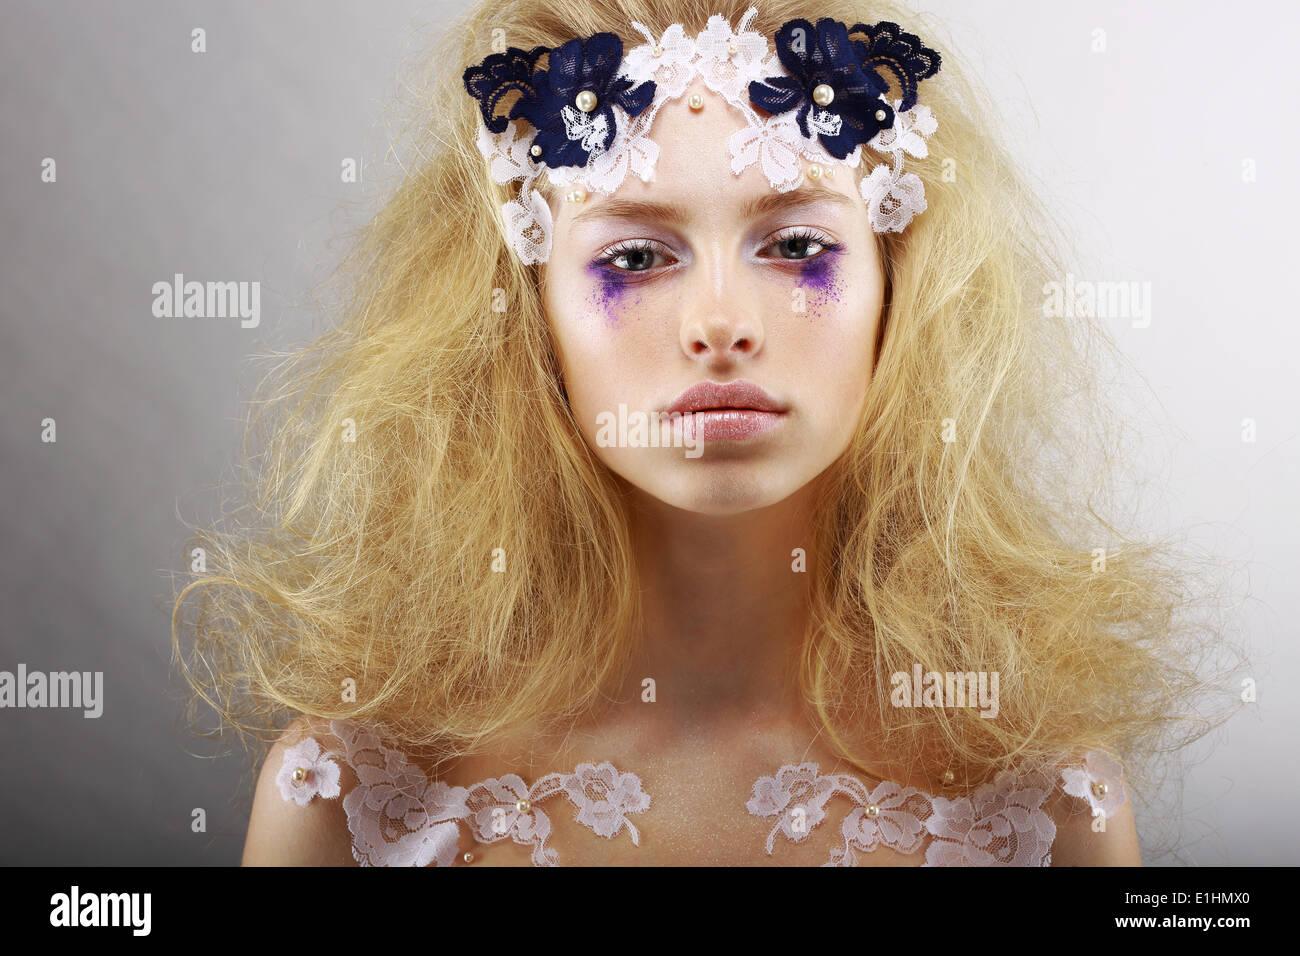 Fantasie. Porträt von hell Blond mit ungewöhnlichen Make-up. Kreativität Stockbild